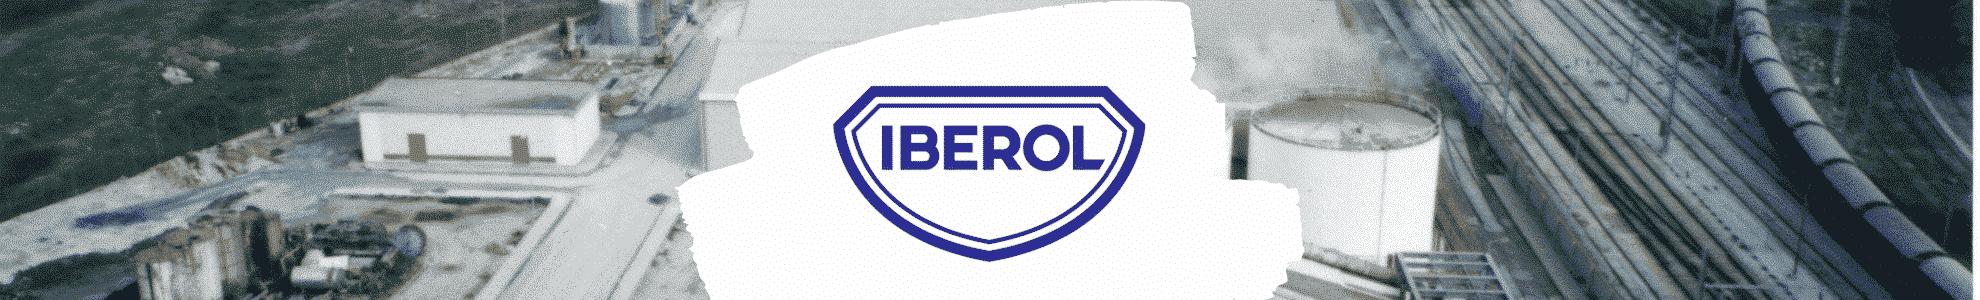 Iberol amplia uso de soluções SISQUAL